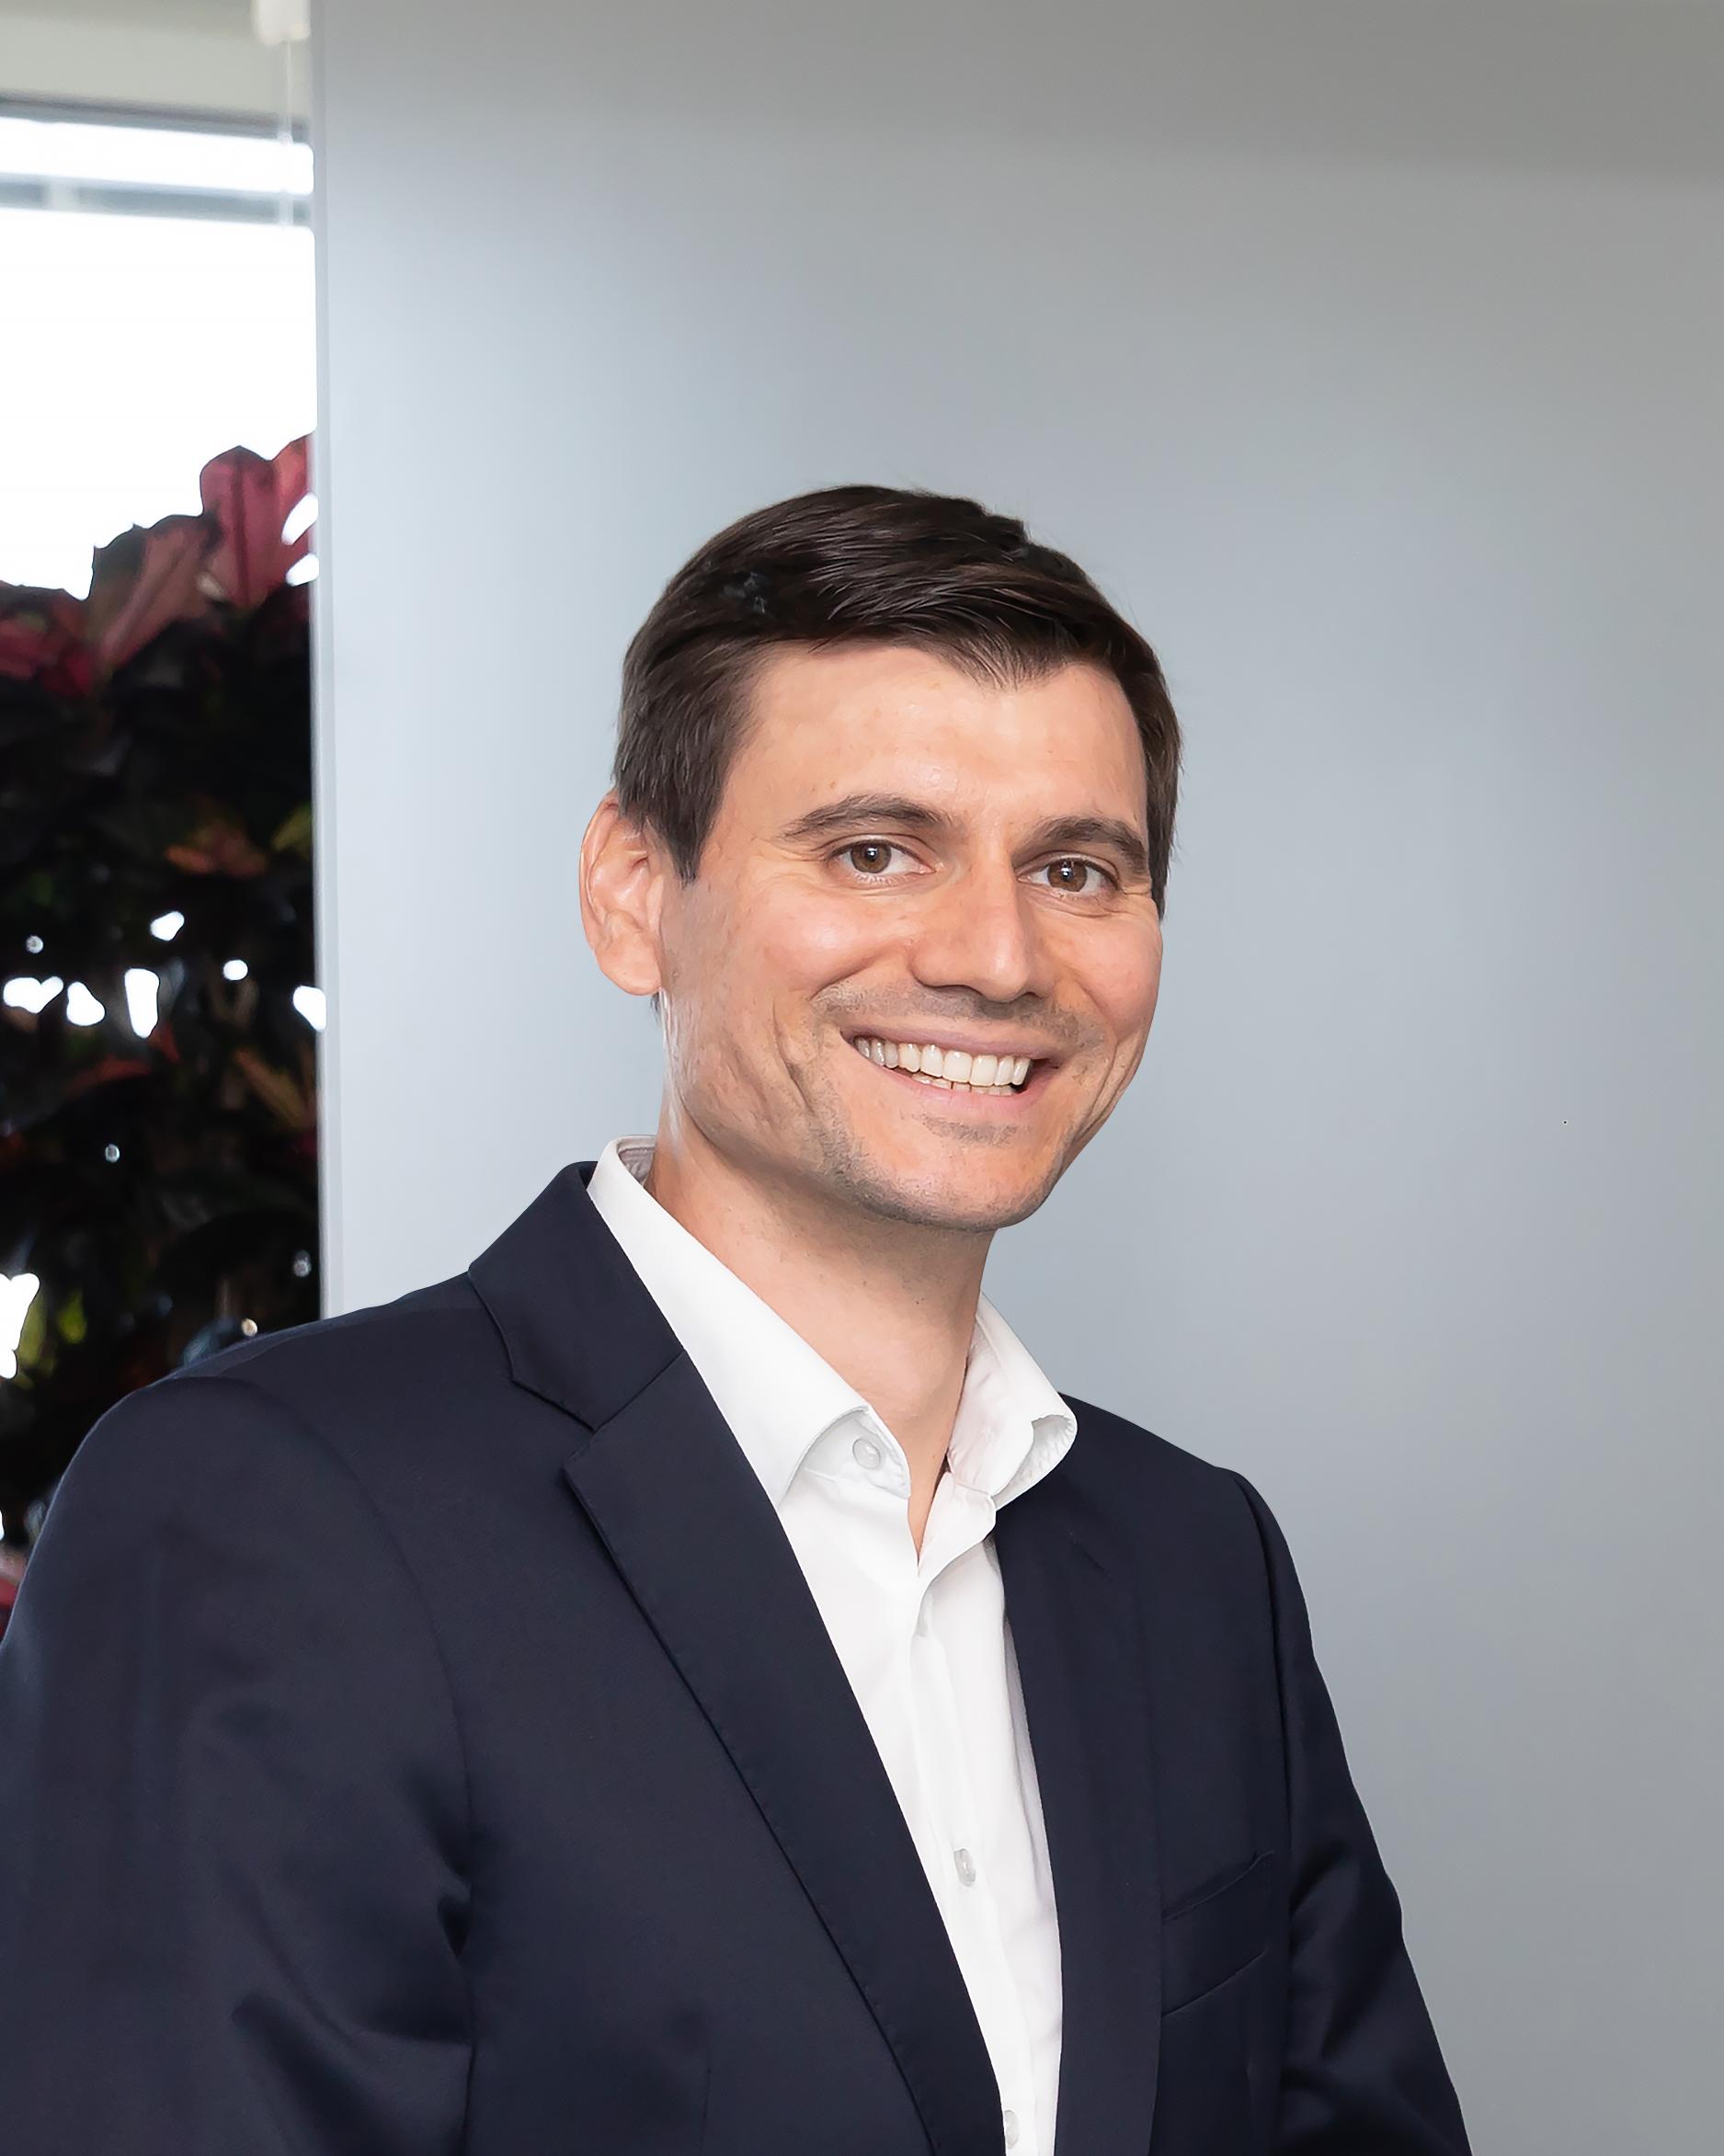 Domagoj Dolinsek, founder PlanRadar